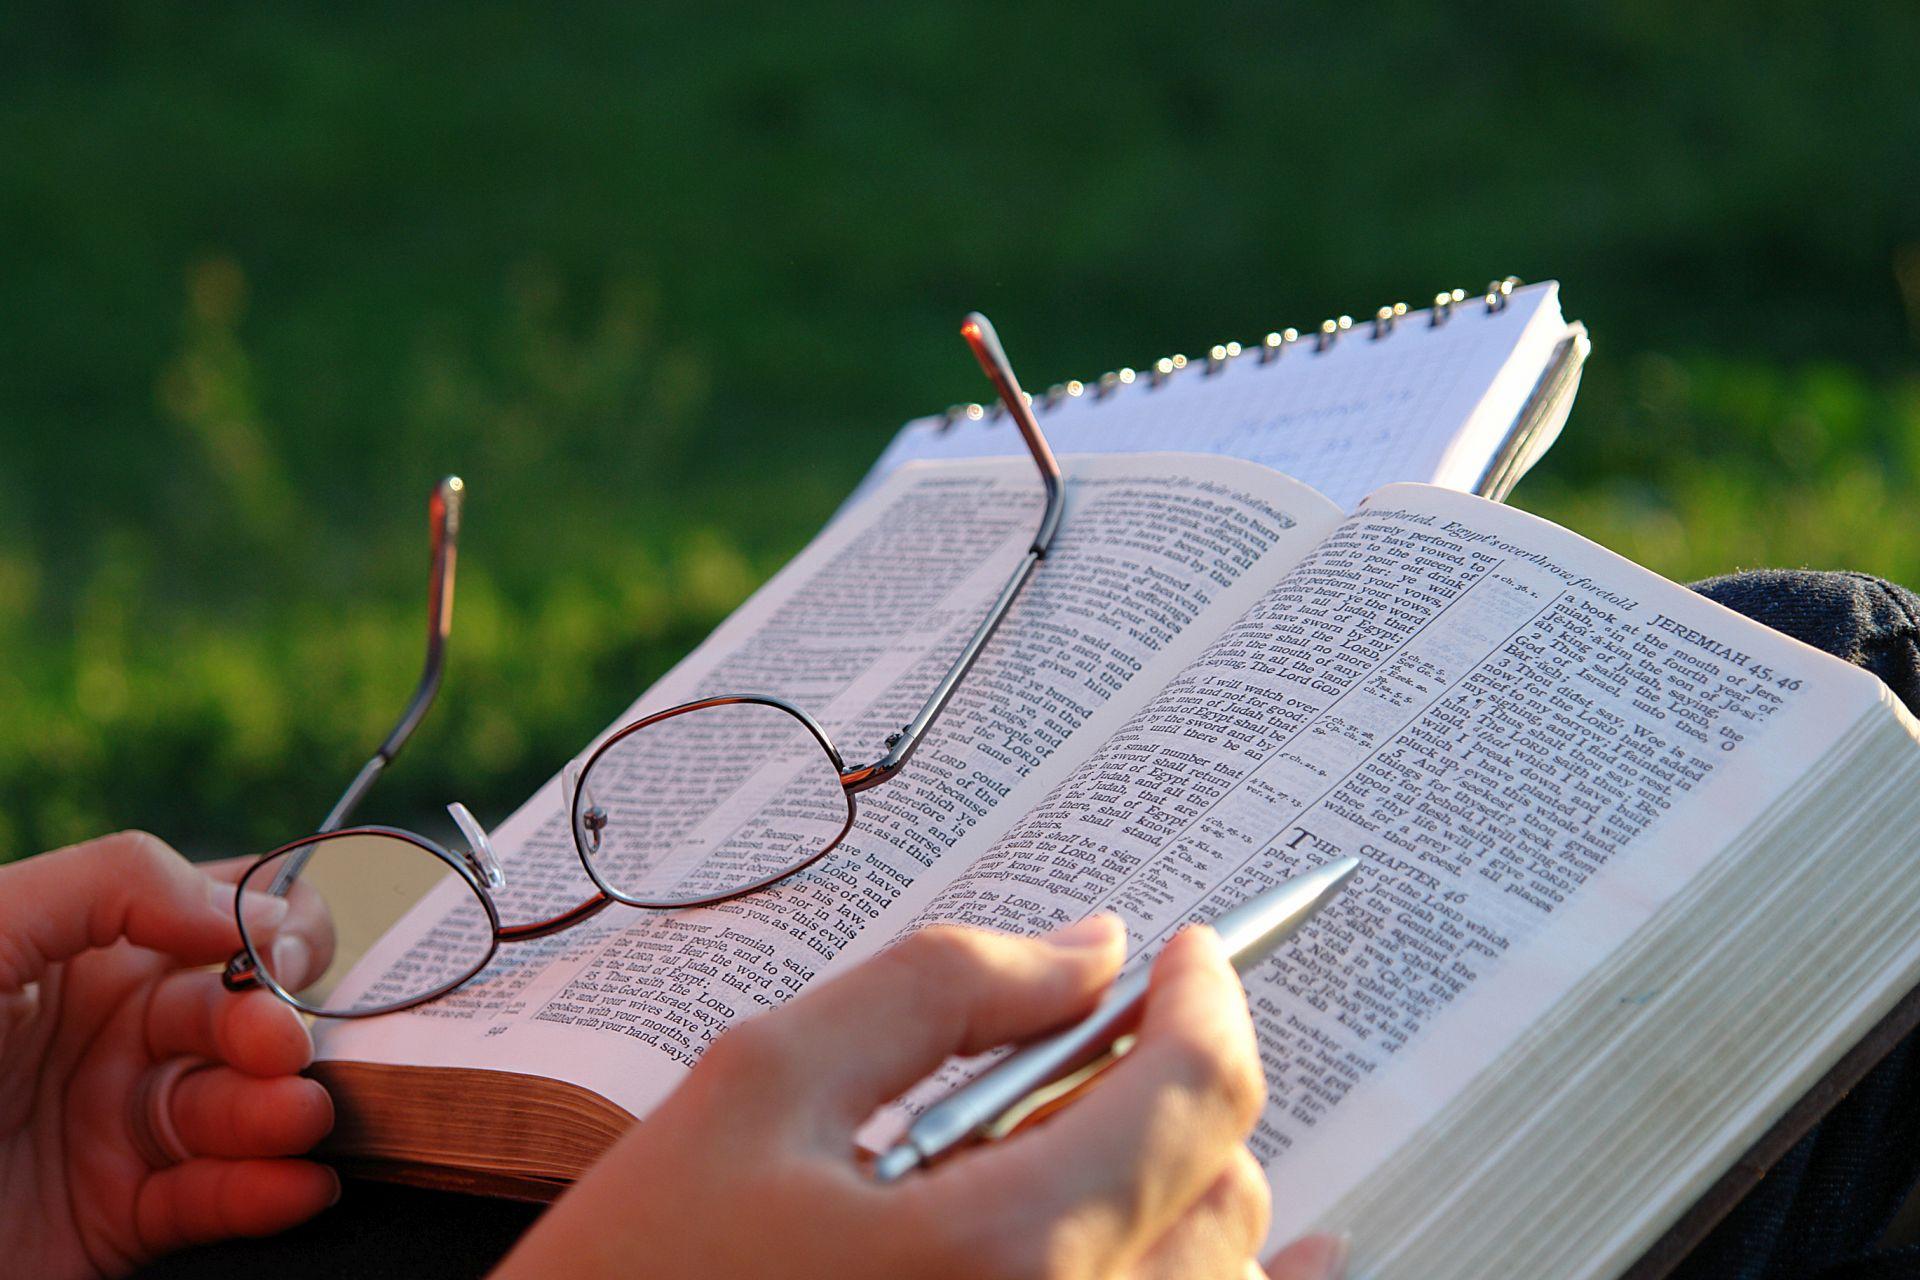 Resultado de imagem para pessoa estudando a biblia